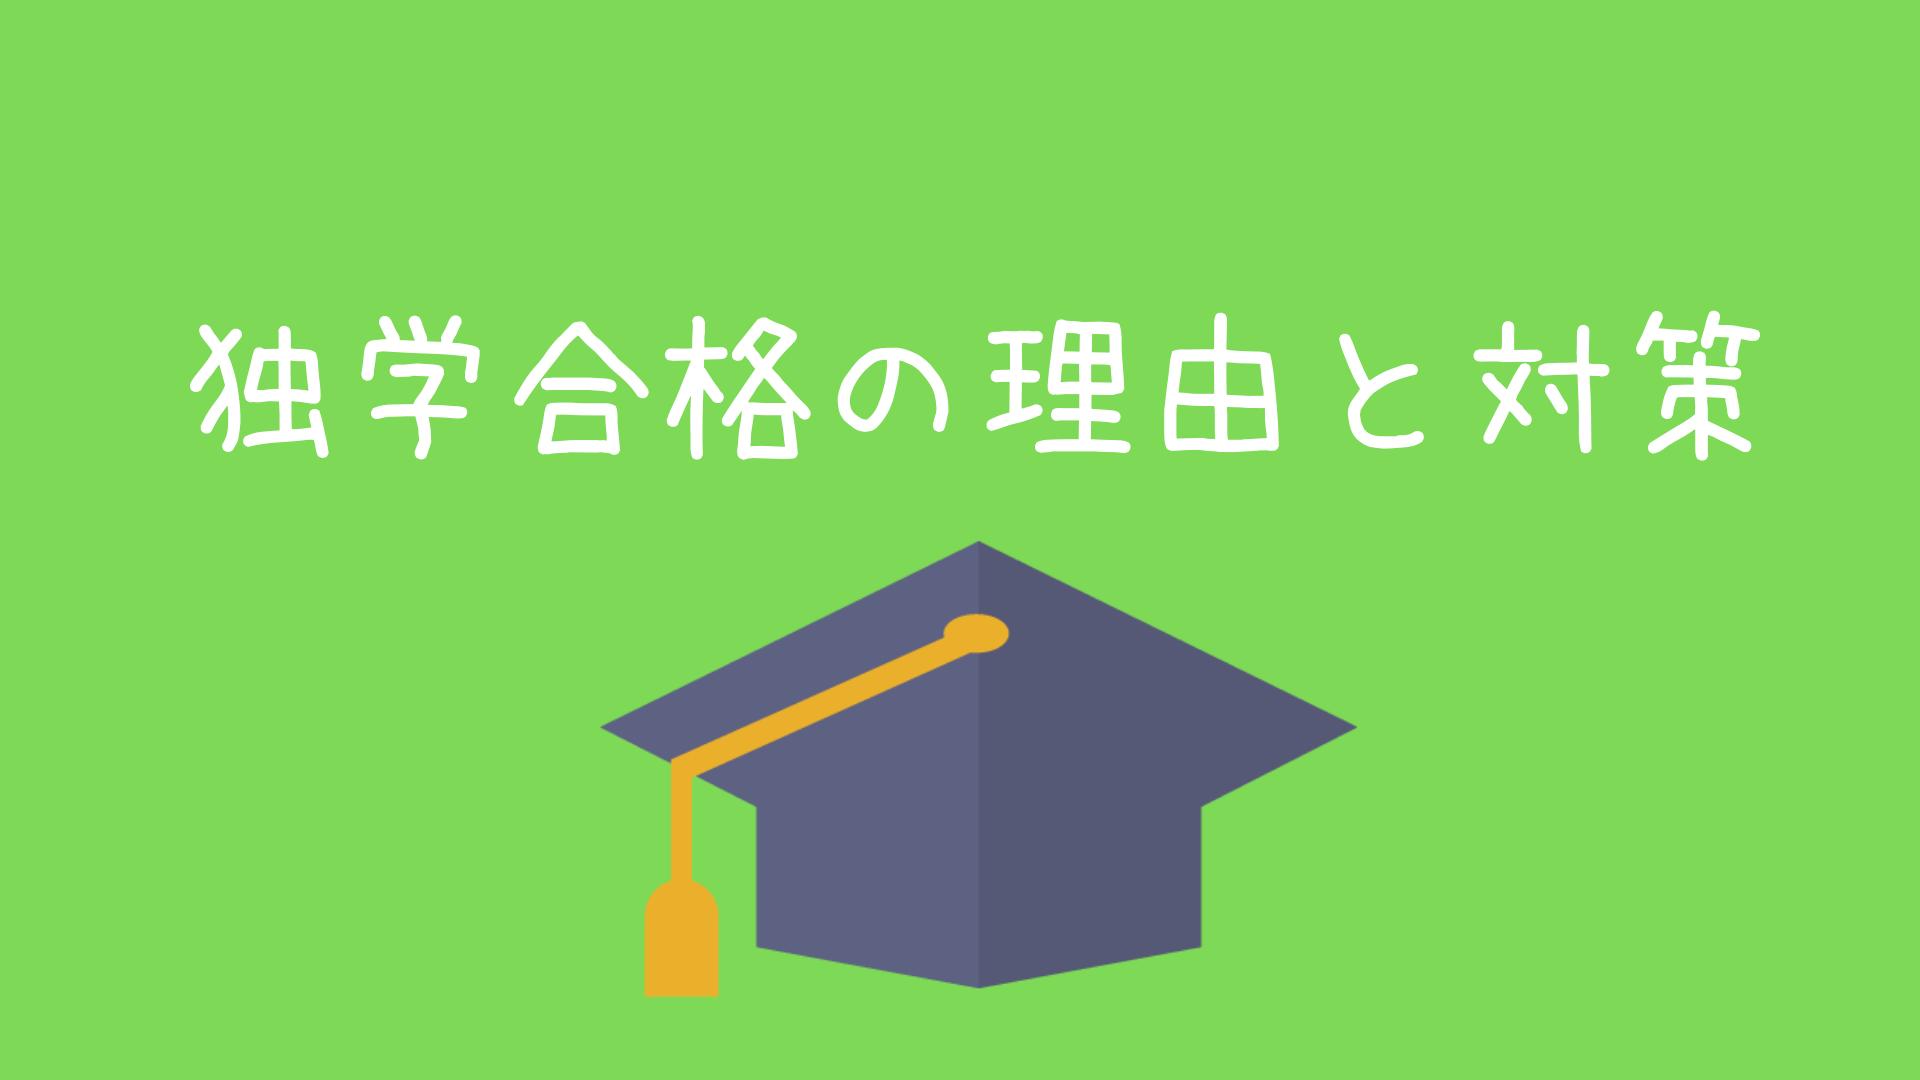 公務員試験に独学で合格できた4つの理由と対策!合格率を上げるには?